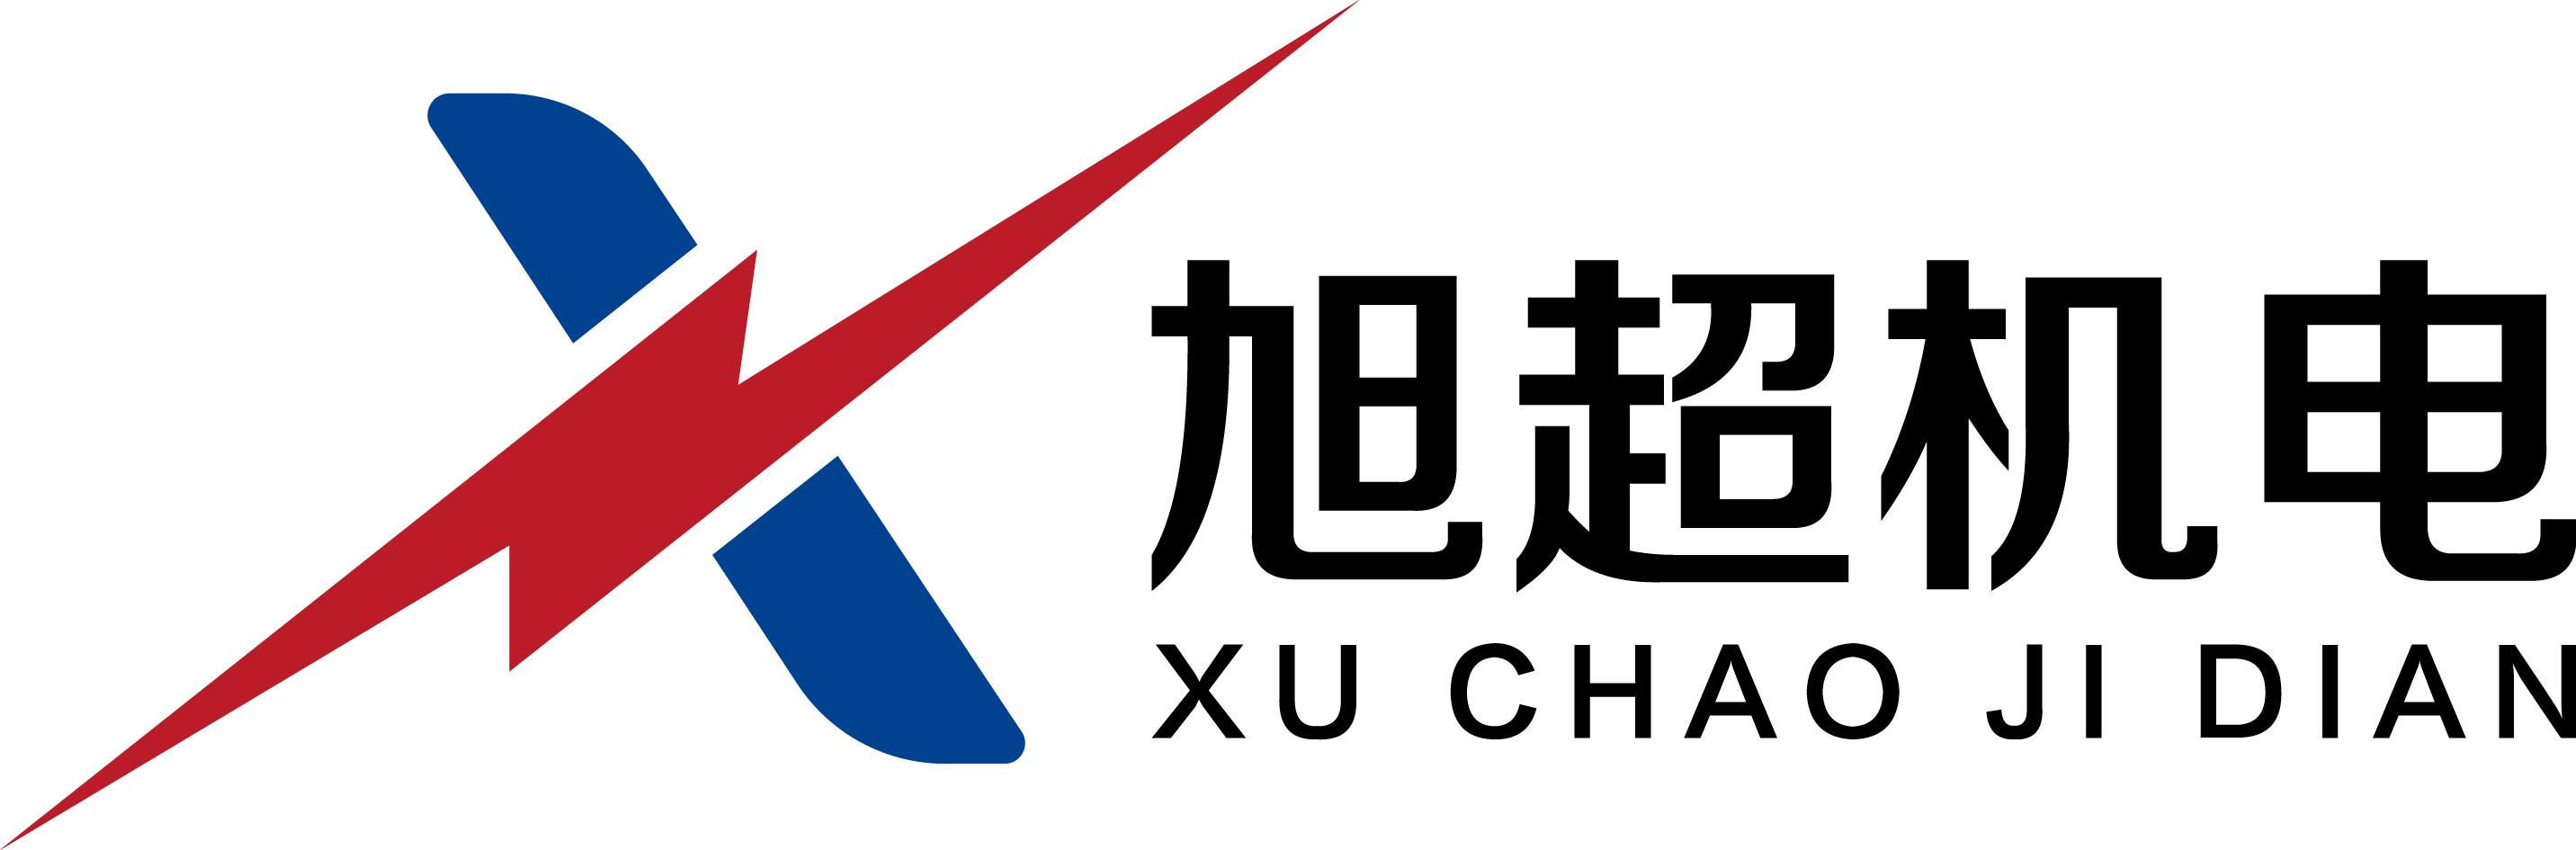 logo logo 标志 设计 矢量 矢量图 素材 图标 2864_945